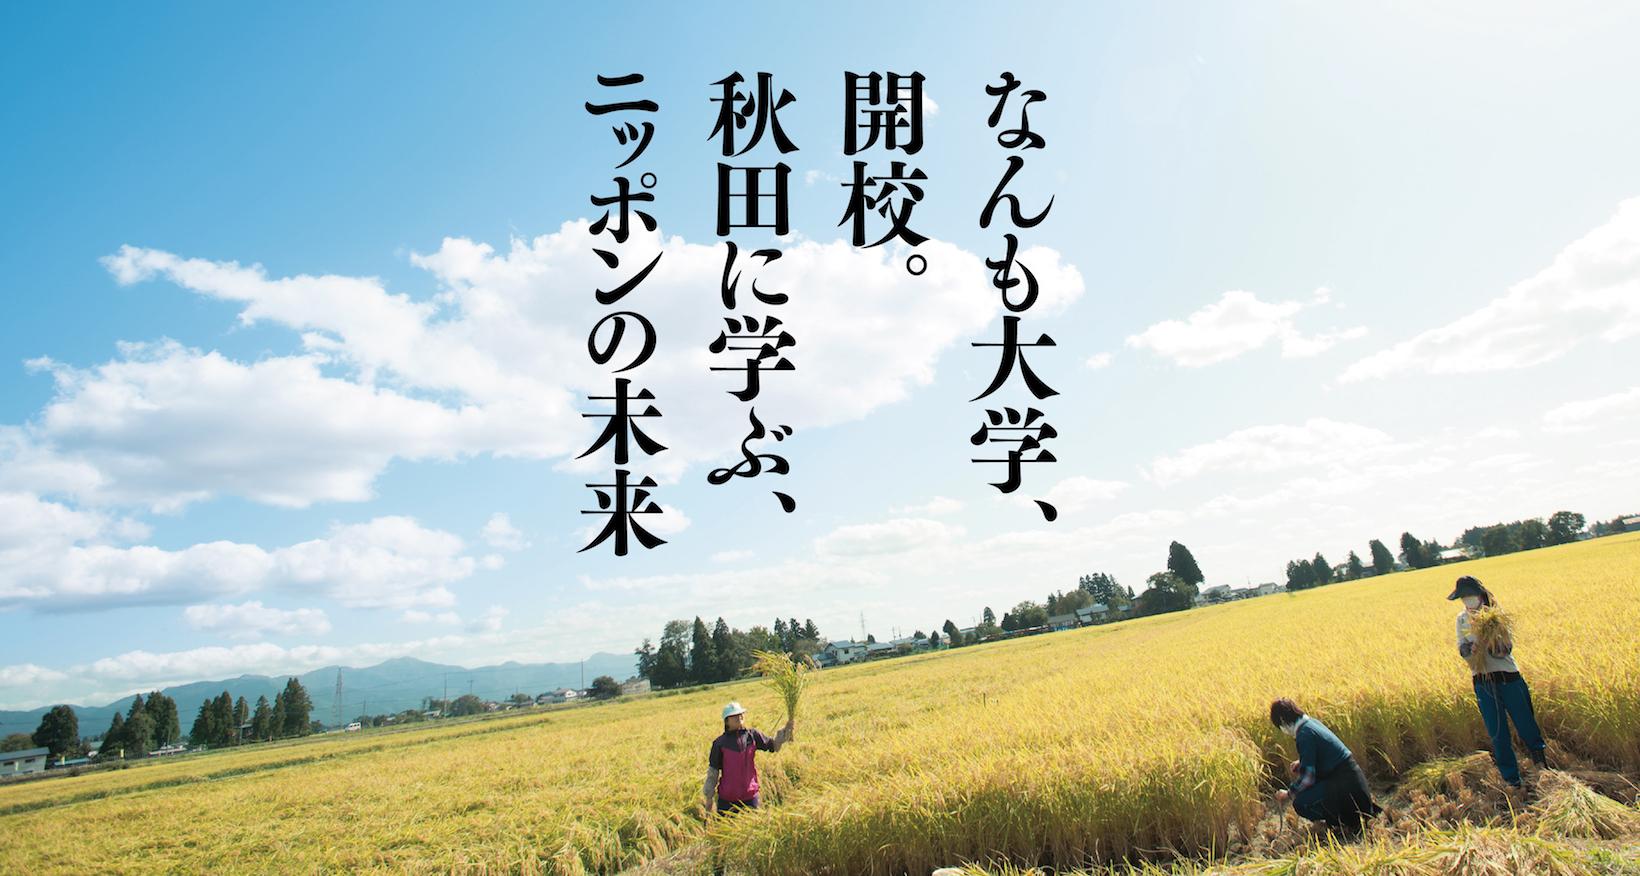 人口が減ることに日本中が慌てています。けれど秋田は少子高齢人口減少社会のトップランナーとしてニッポンの先頭を(のんびり)走ってきました。そんな秋田の一つの使命として、減るからこそ豊かになるイメージや価値観を 提案したいと思います。秋田には「ありがとう」に対する返答として「気にしないで〜」といった意味の「なんもだー」という方言があります。取り合うことが当たり前のようになってしまったいまの世の中に必要なのはいろんなものをおおらかにシェアしていく「なんもだー」精神です。数字では表せない知恵や気持ちをいまこそインターネットのチカラを介して日本中に伝えていきたいと思います。その先にある「ありがとう」「なんもだー」というやりとりにニッポンの未来があると信じて。なんも大学、はじまります。